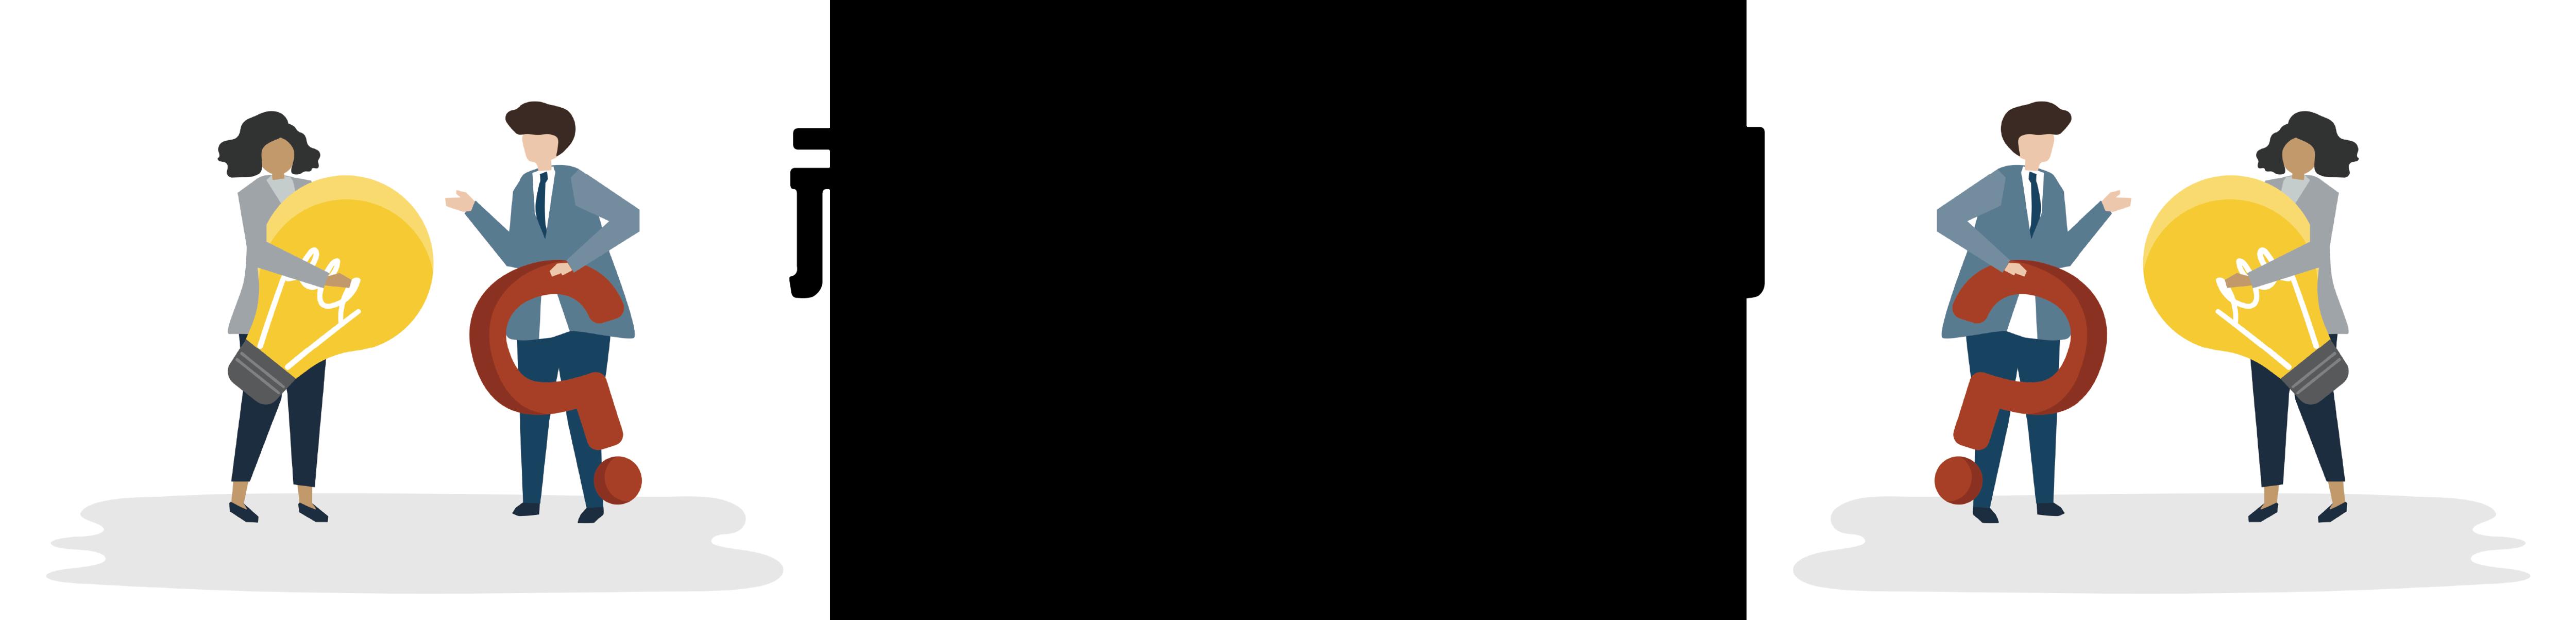 頑皮鬼naughtyghost保護隱私防偷窺防偷看抗藍光抗眩光全球最薄防窺片privacyfilterQ&A